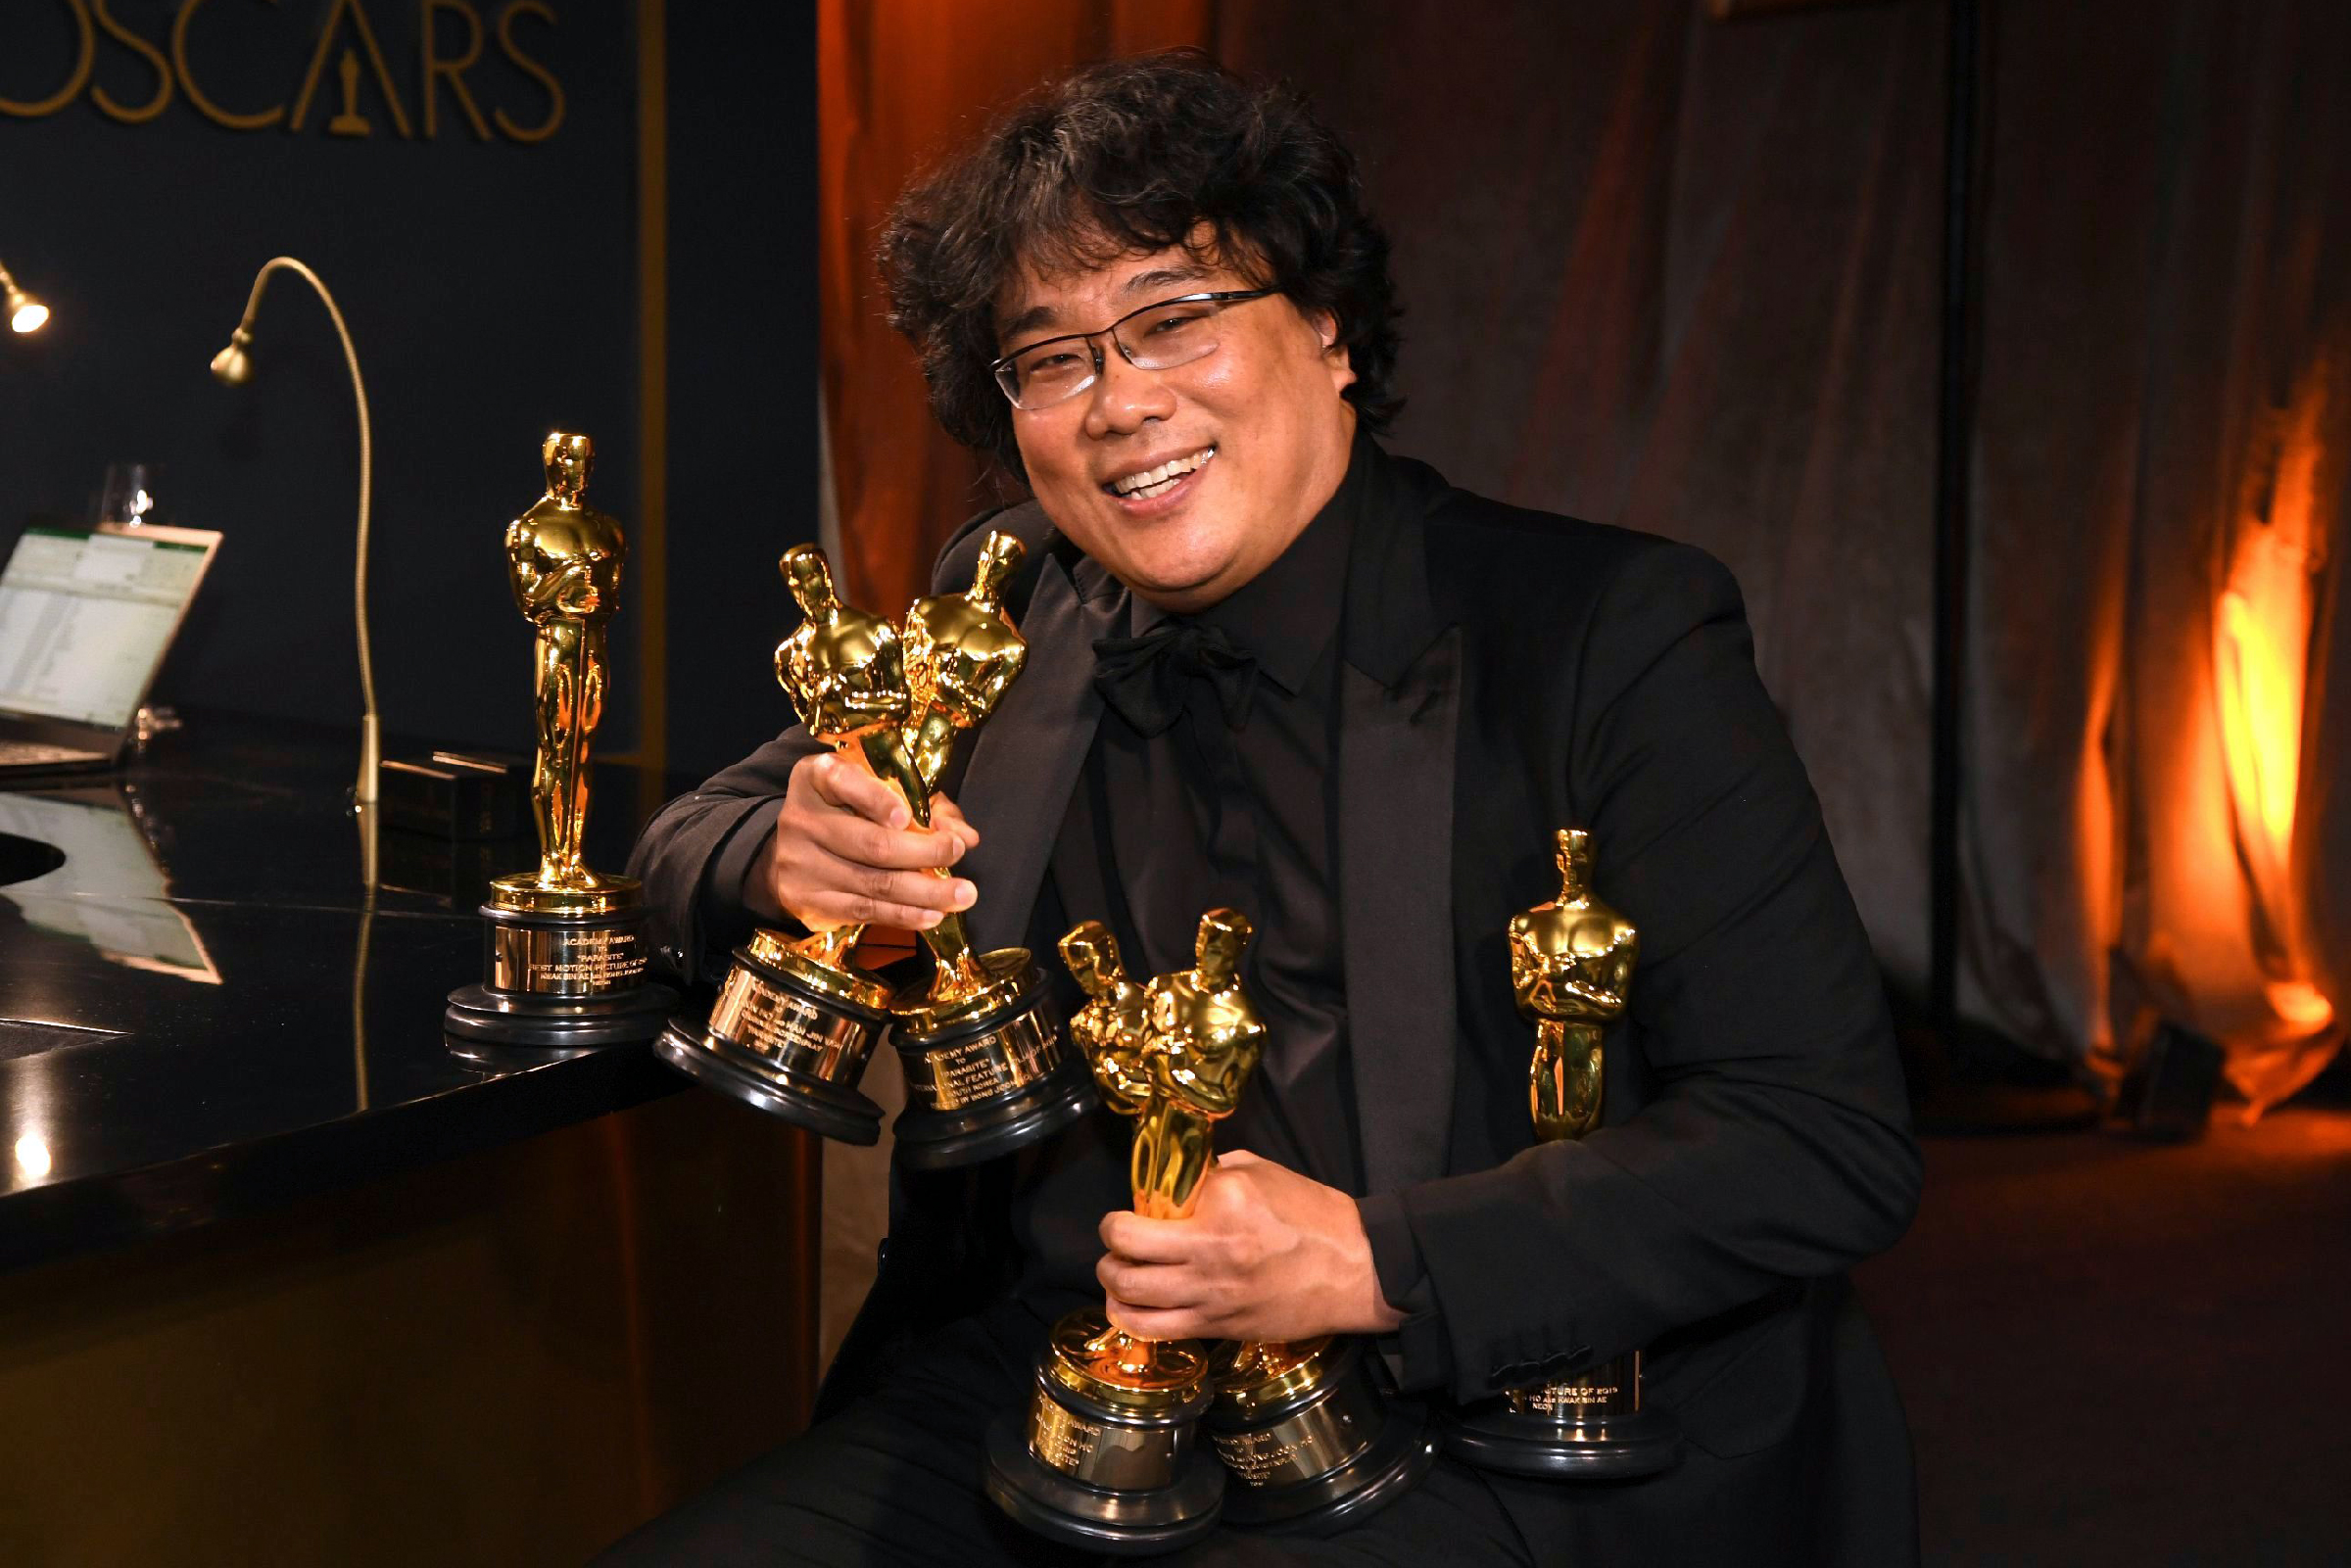 Oscar 2020, il trionfo di Parasite e la svolta dell'Academy. Forse